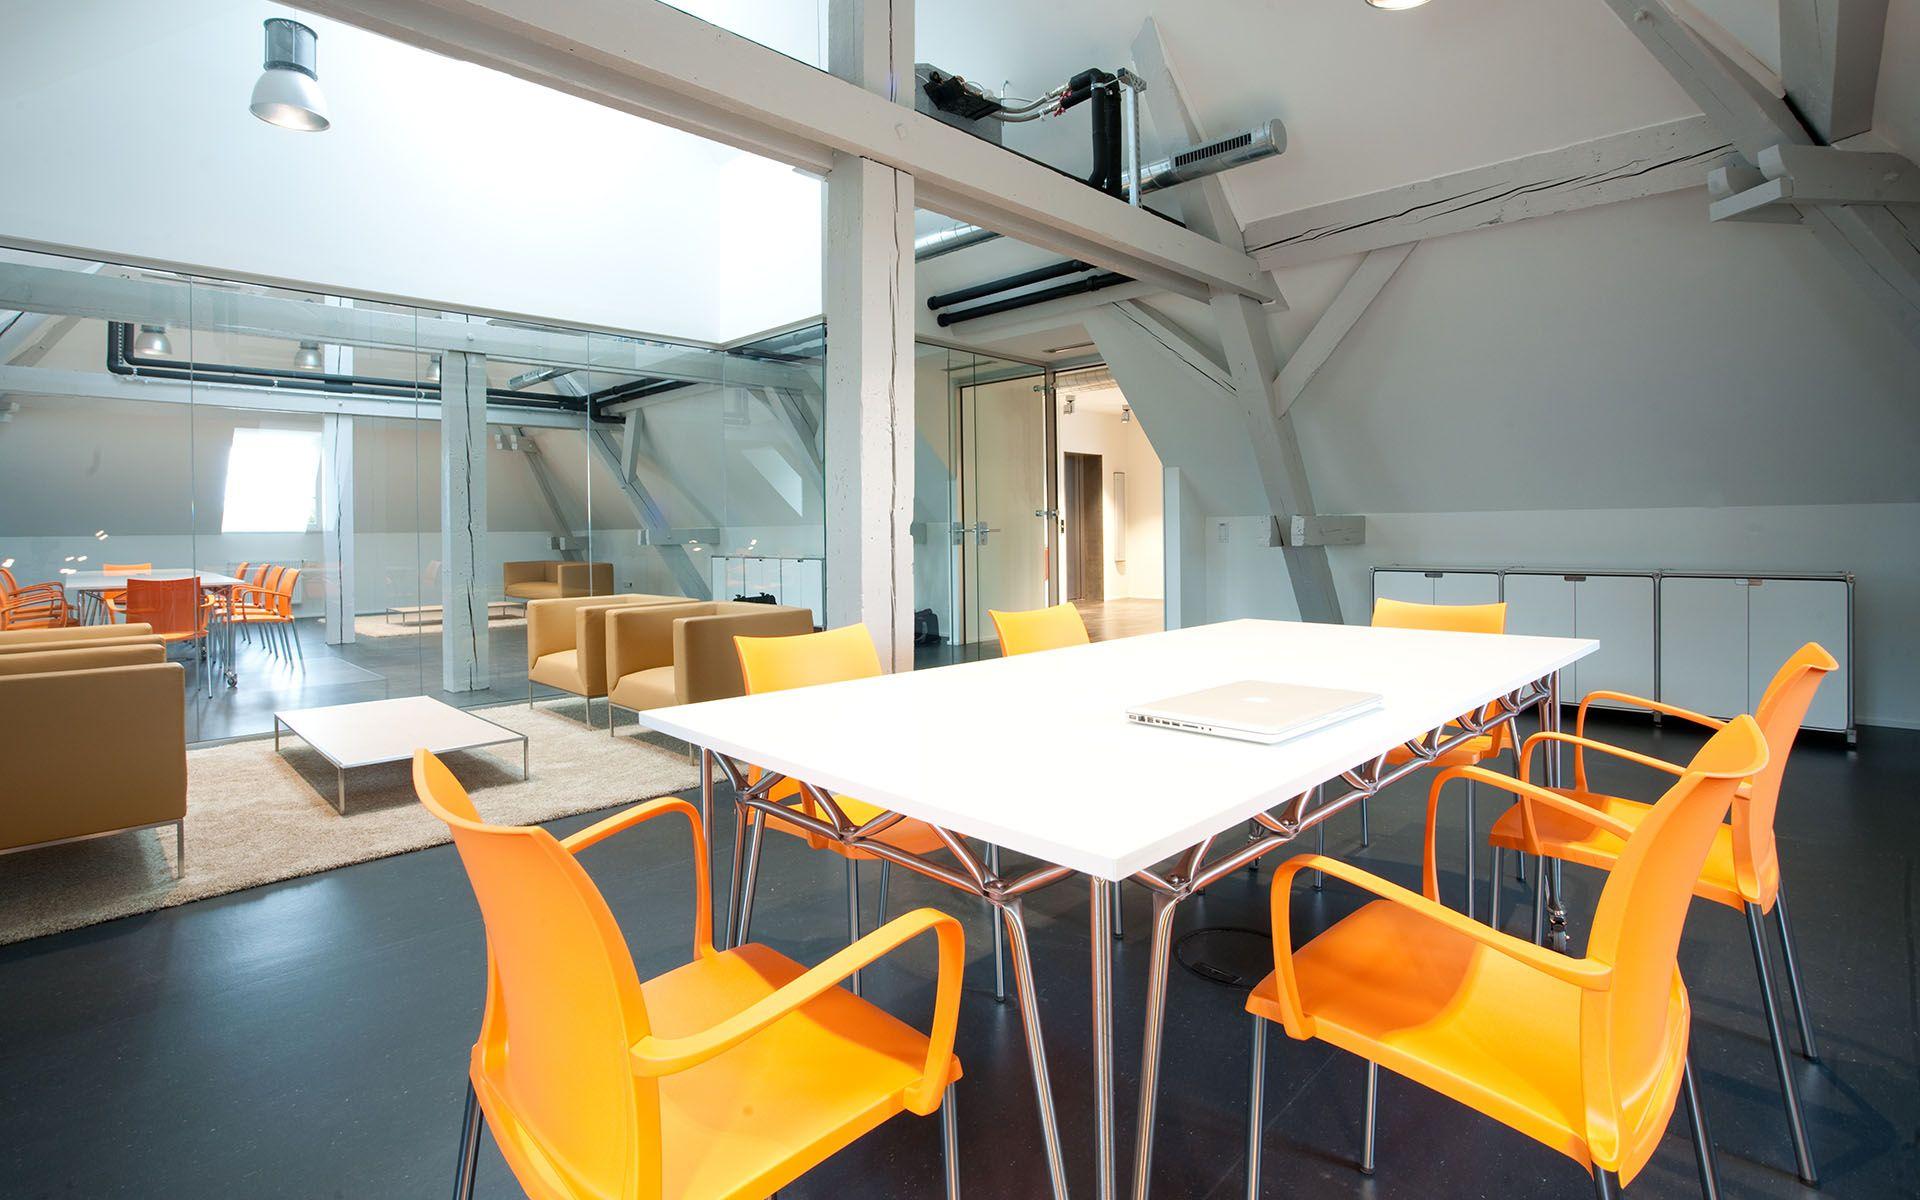 Moderne modulare büromöbel  Modulare Büroeinrichtung, Möbelbausystem, VRmagic | System 180 ...